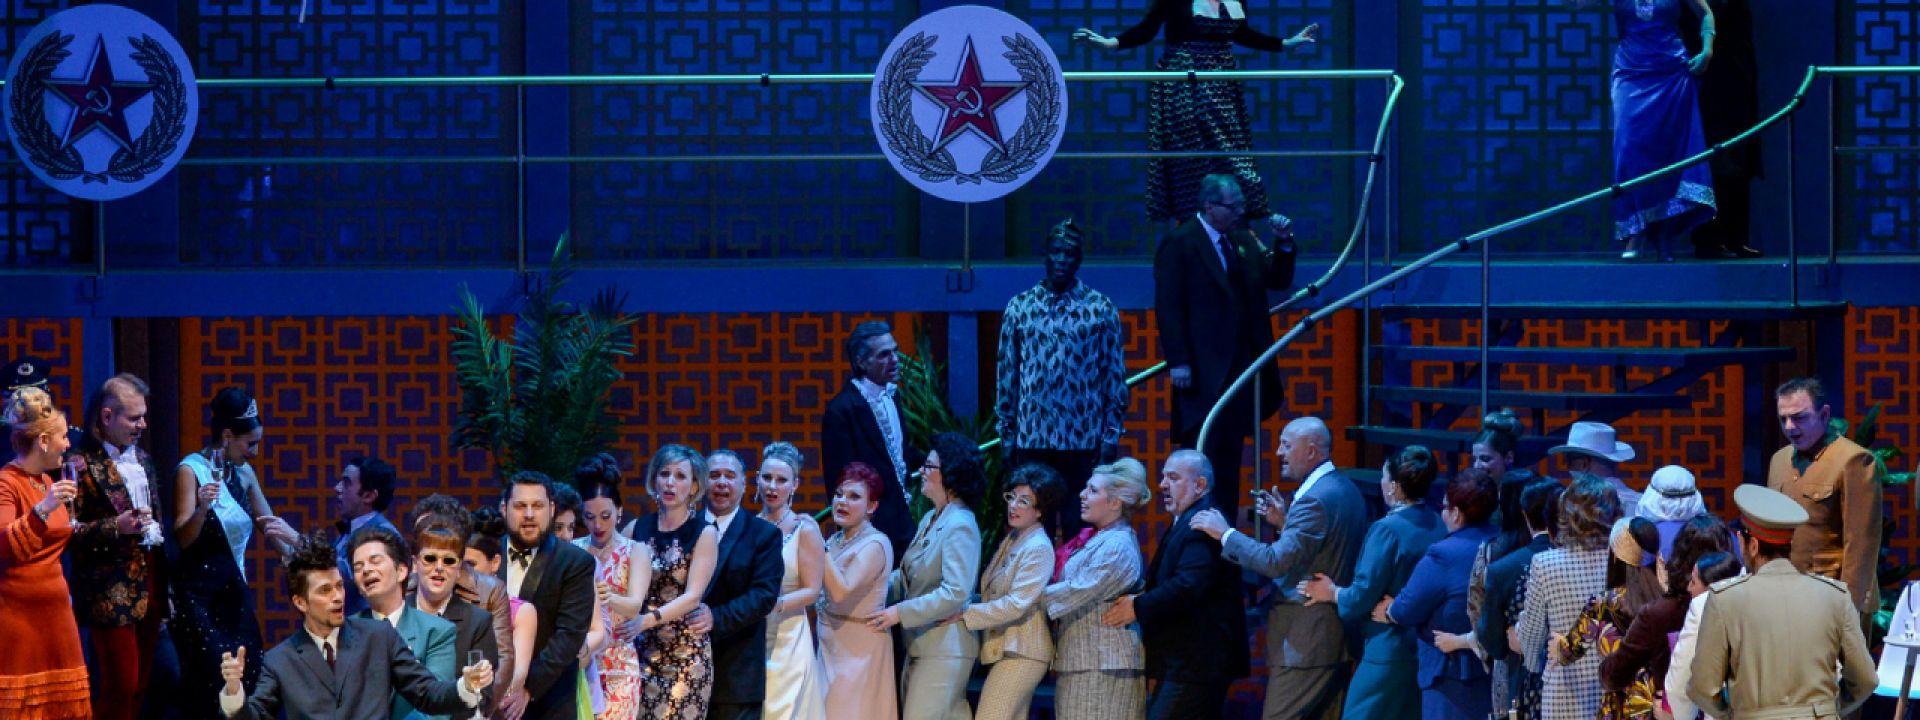 Φωτογραφία από την όπερα Νυχτερίδα